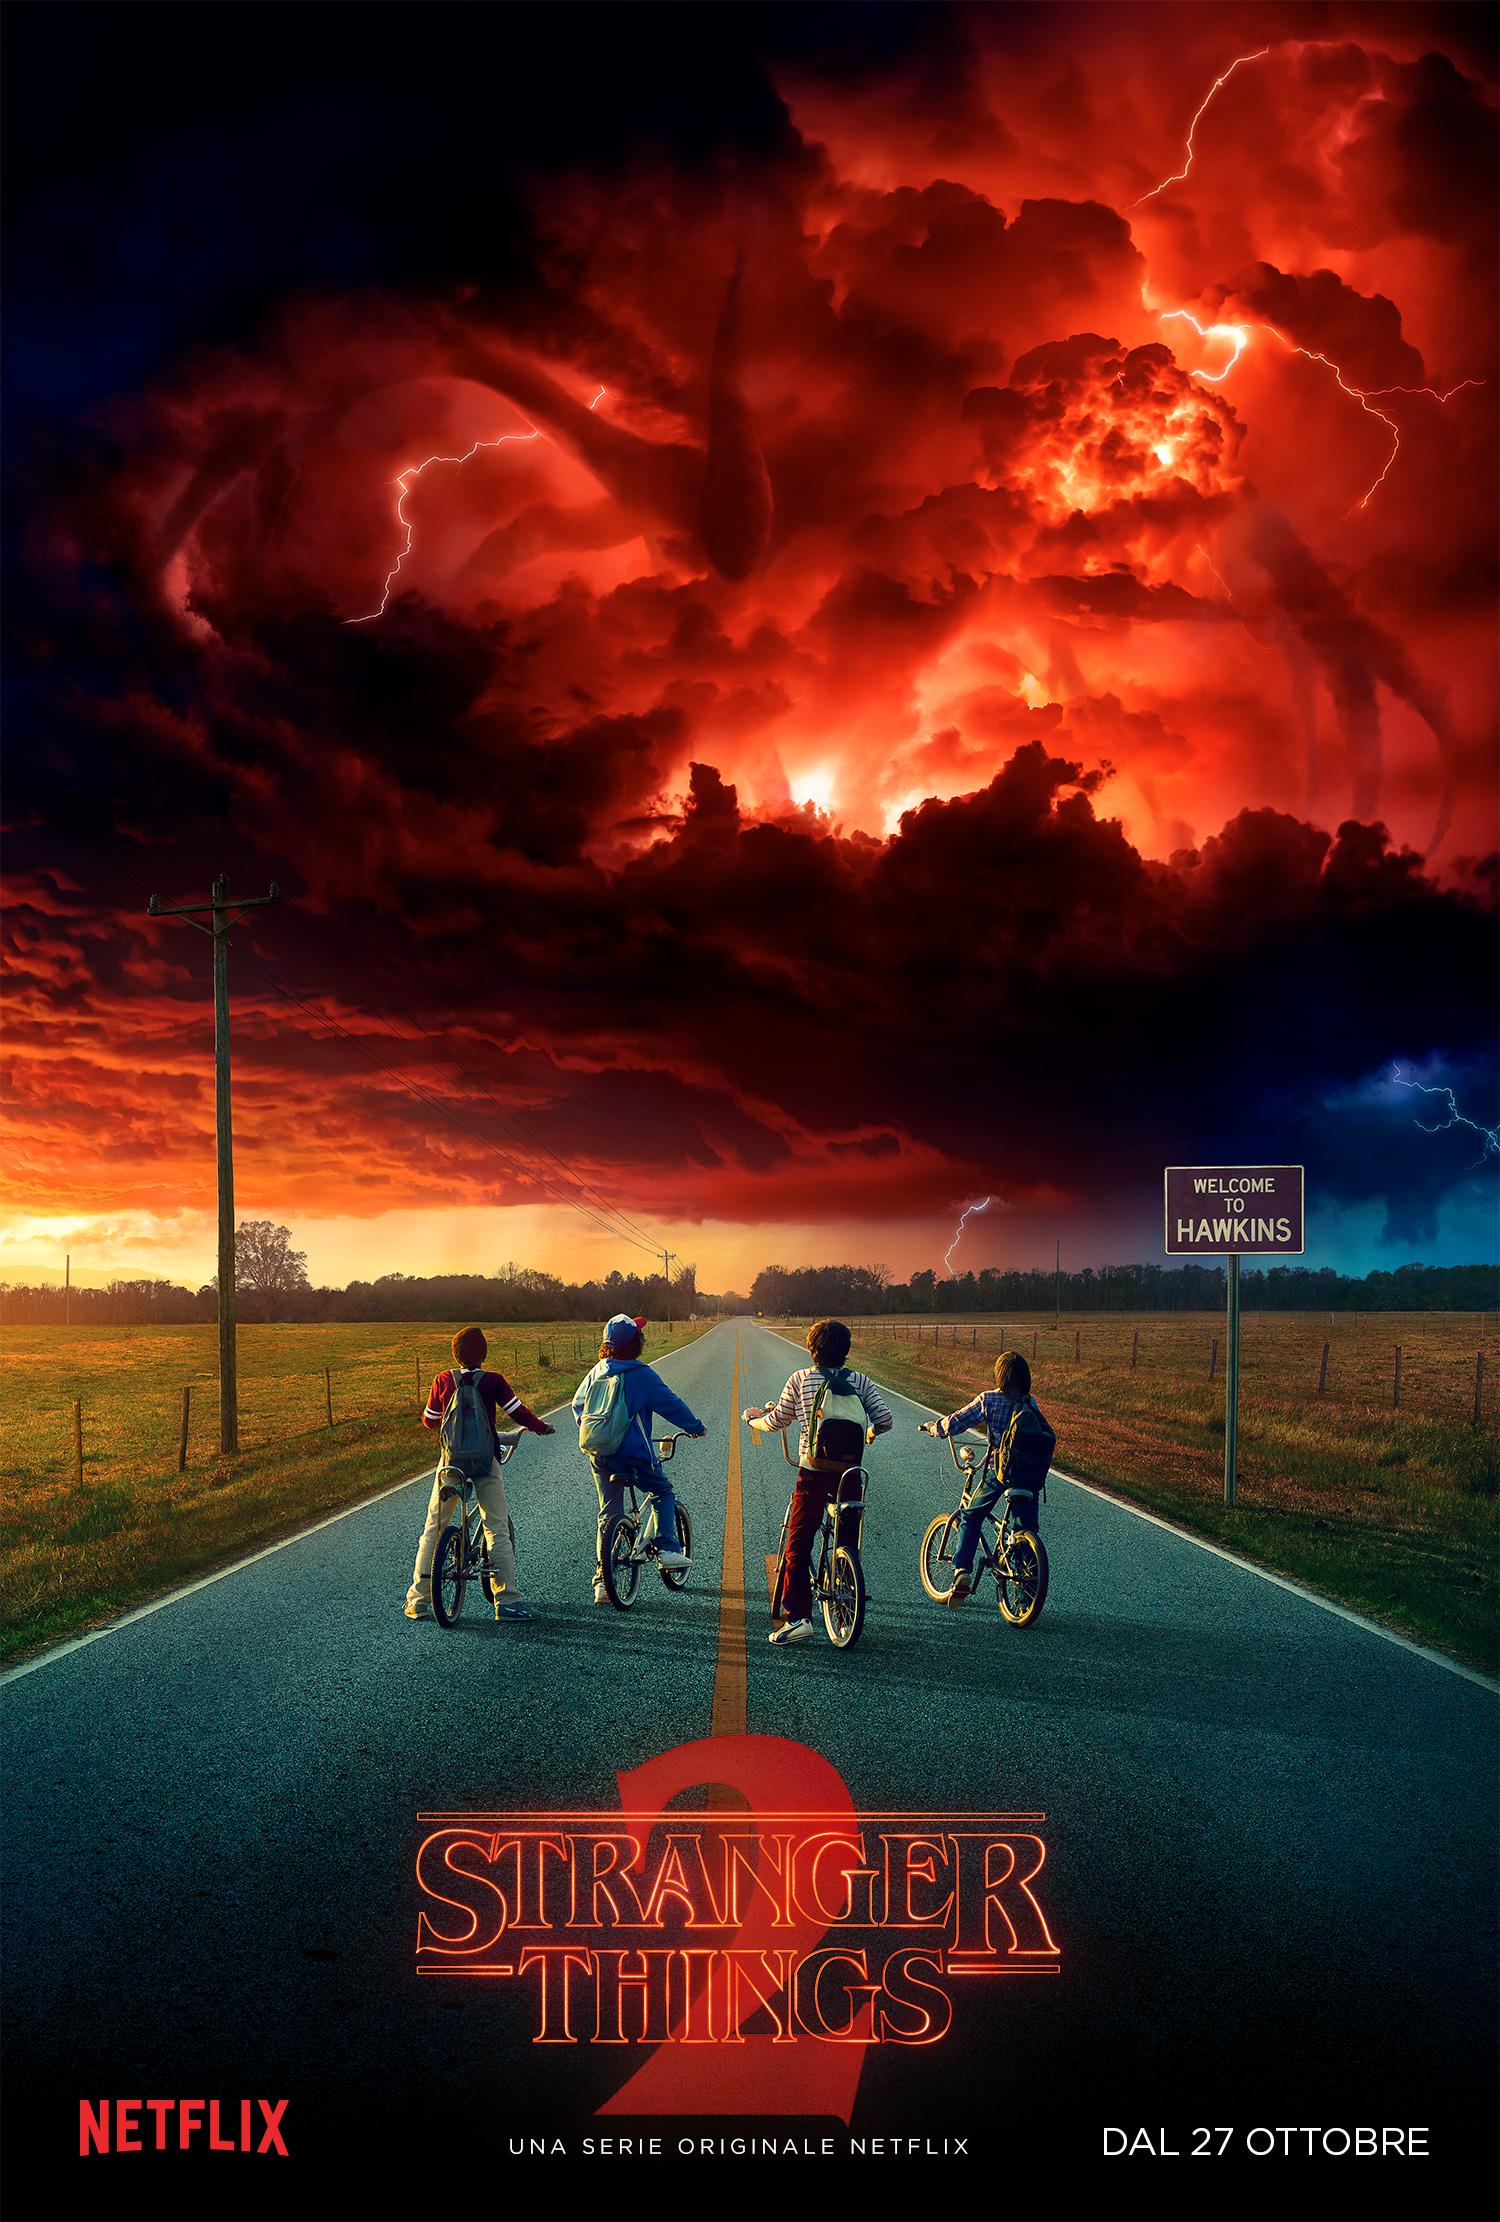 Stranger Things 2: il poster della seconda stagione della serie